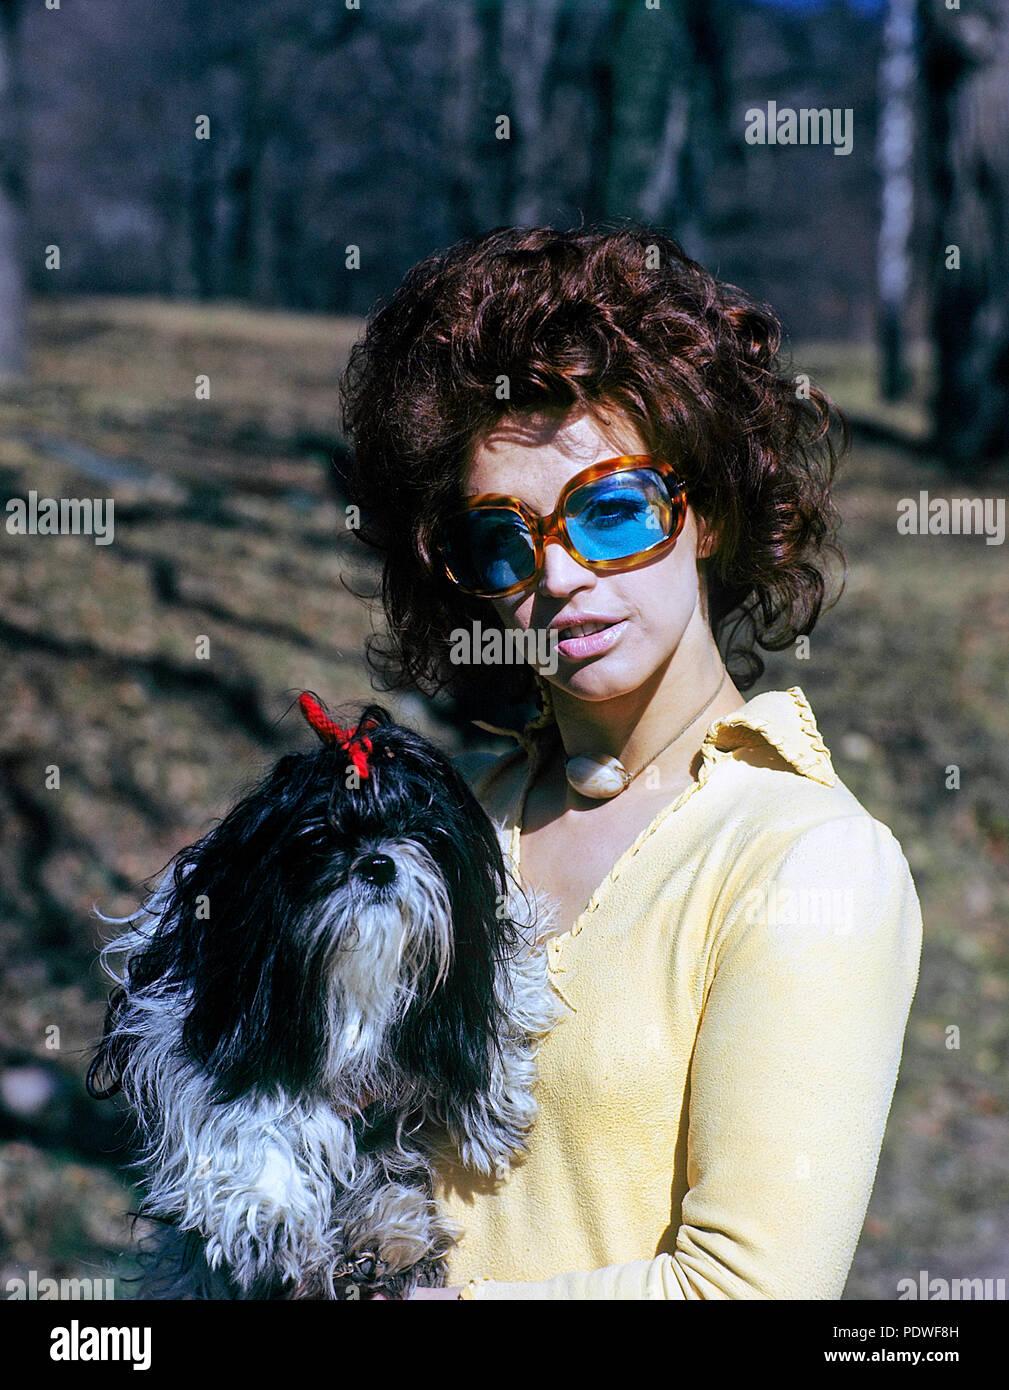 70er Jahre Brille. Eine junge Frau in Blau befleckt Sonnenbrille ist mit ihrem Hund. 1971 Stockbild